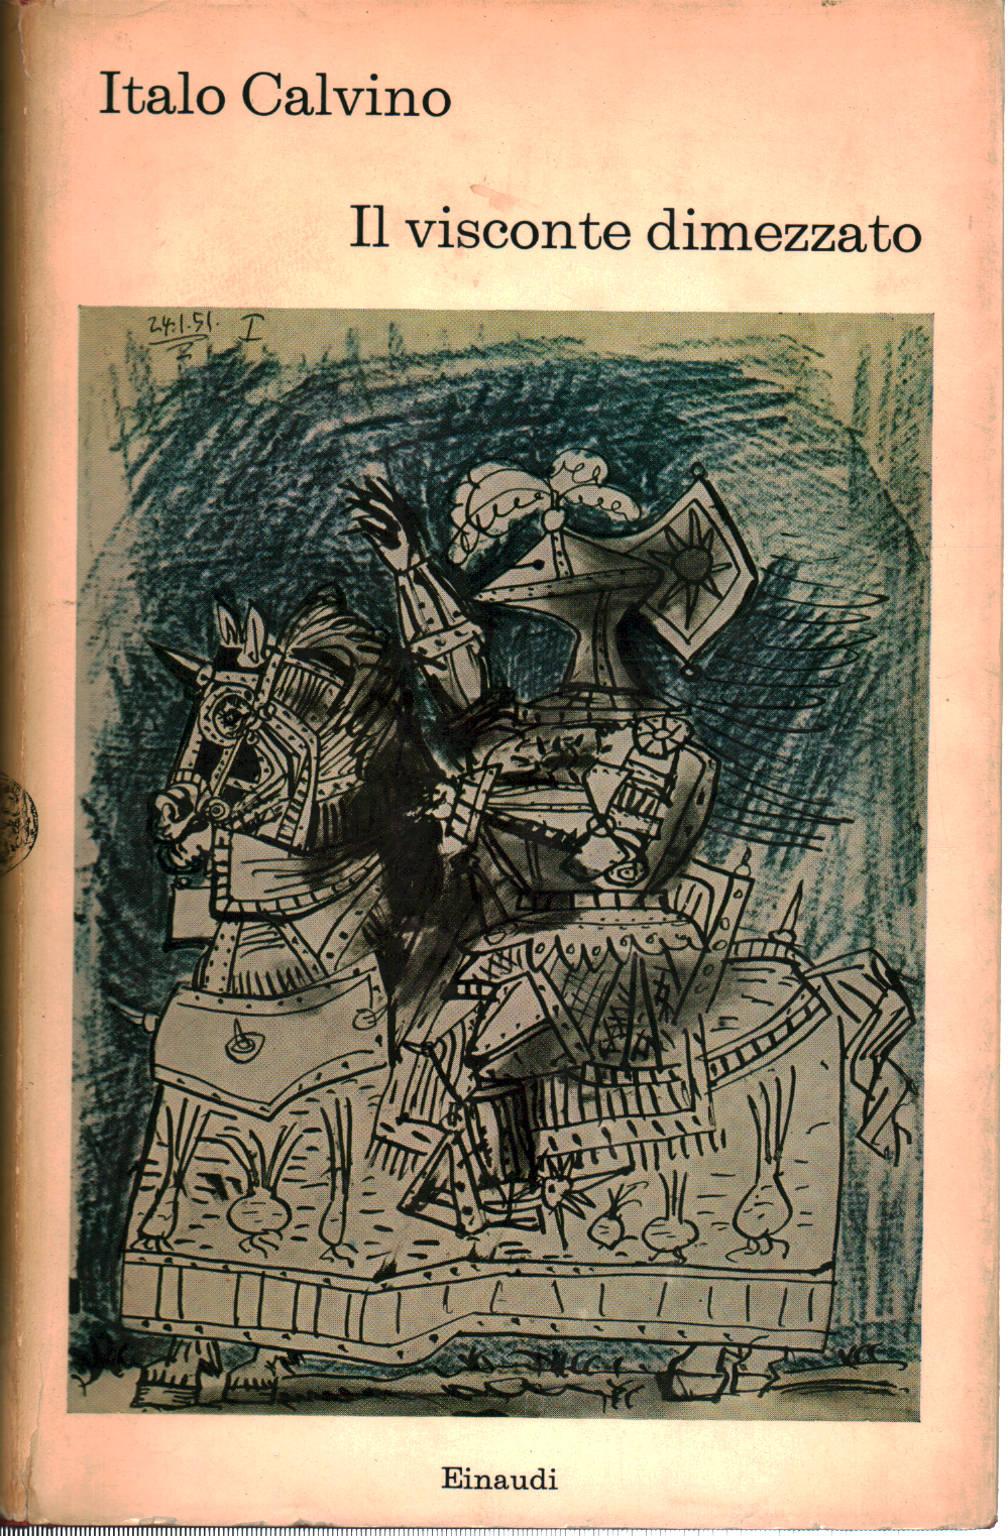 Il visconte dimezzato - Italo Calvino - Narrativa Italiana